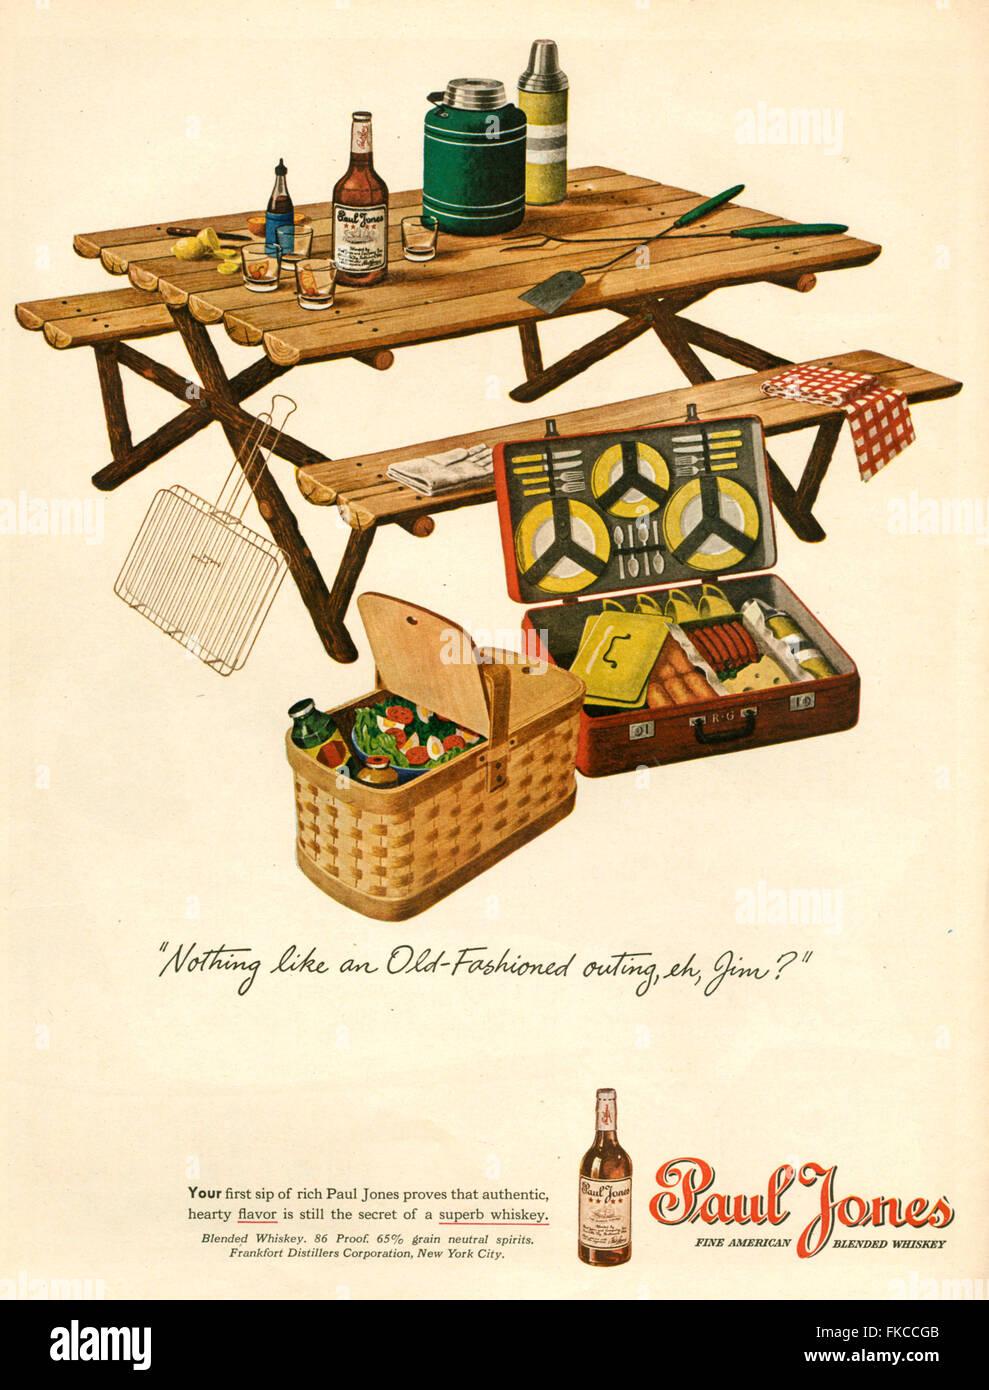 1940s USA Paul Jones Magazine annuncio pubblicitario Immagini Stock